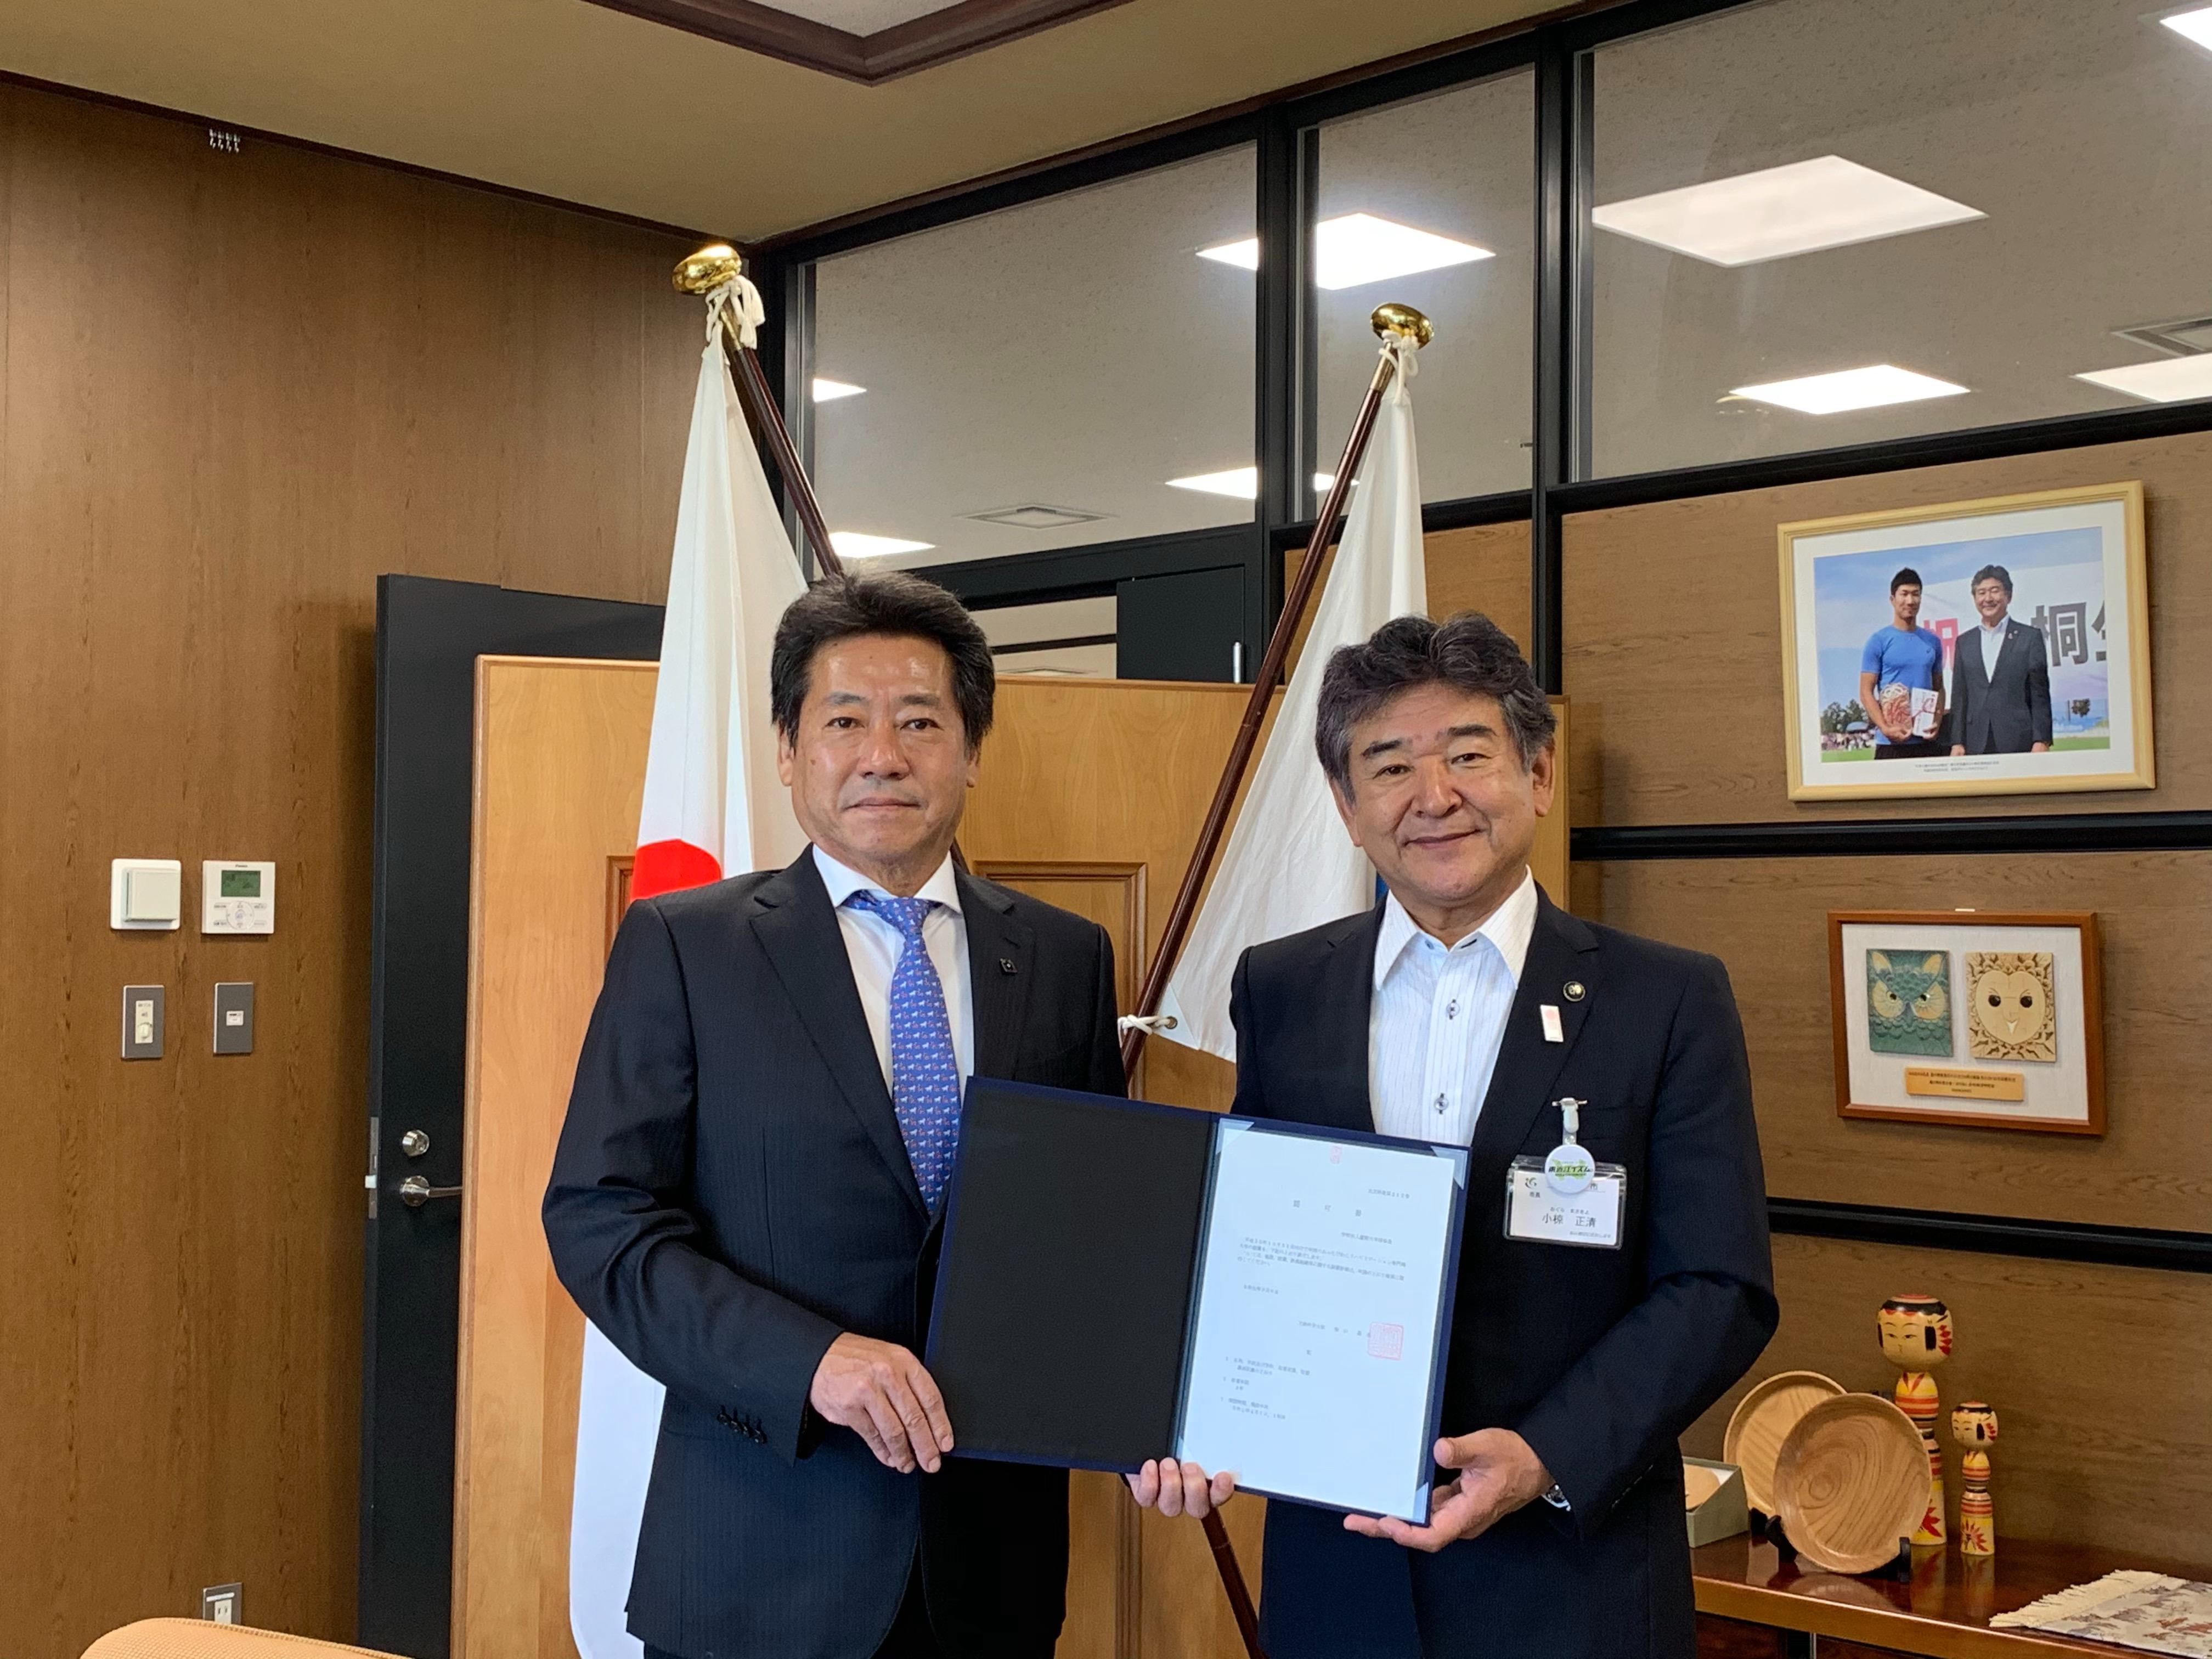 学校法人藍野大学が東近江市長を表敬訪問